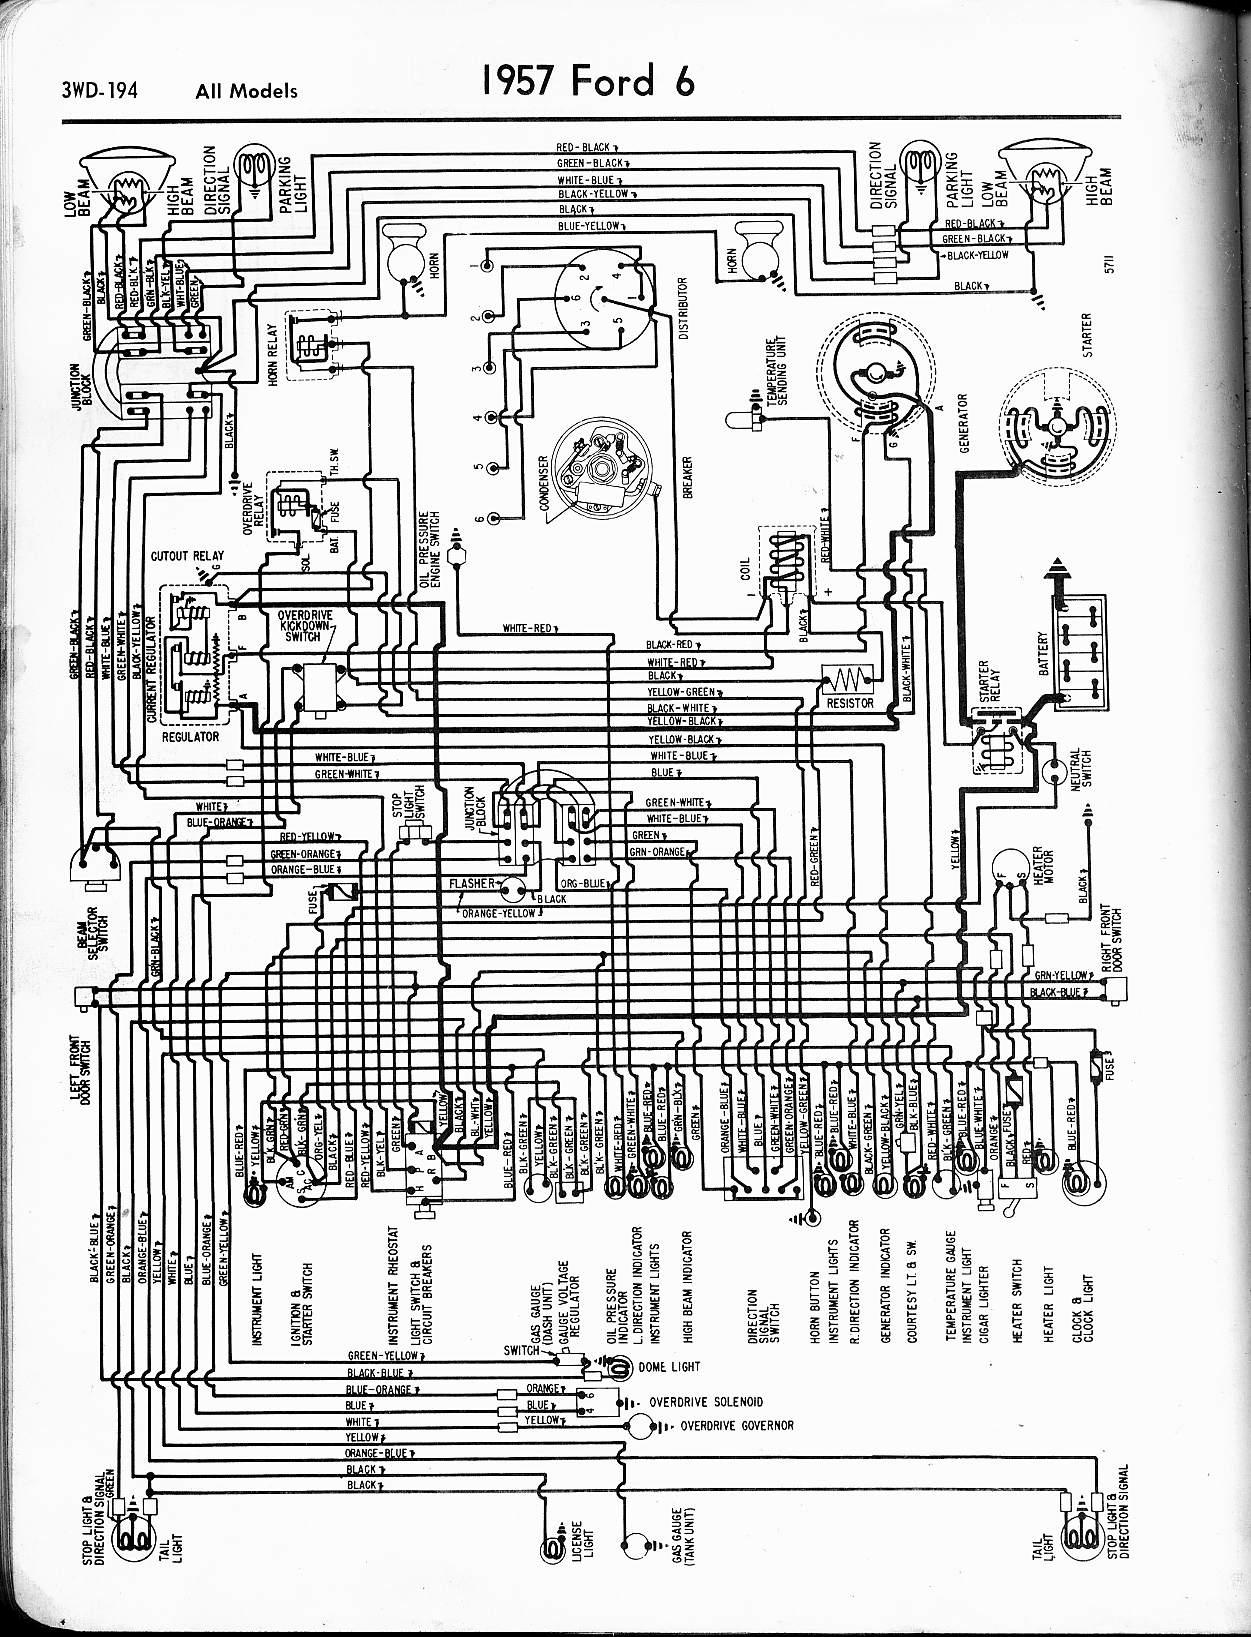 Wondrous F100 Wiring Diagram 1967 Wiring Schematics 1967 Master Wiring Wiring Cloud Hemtegremohammedshrineorg